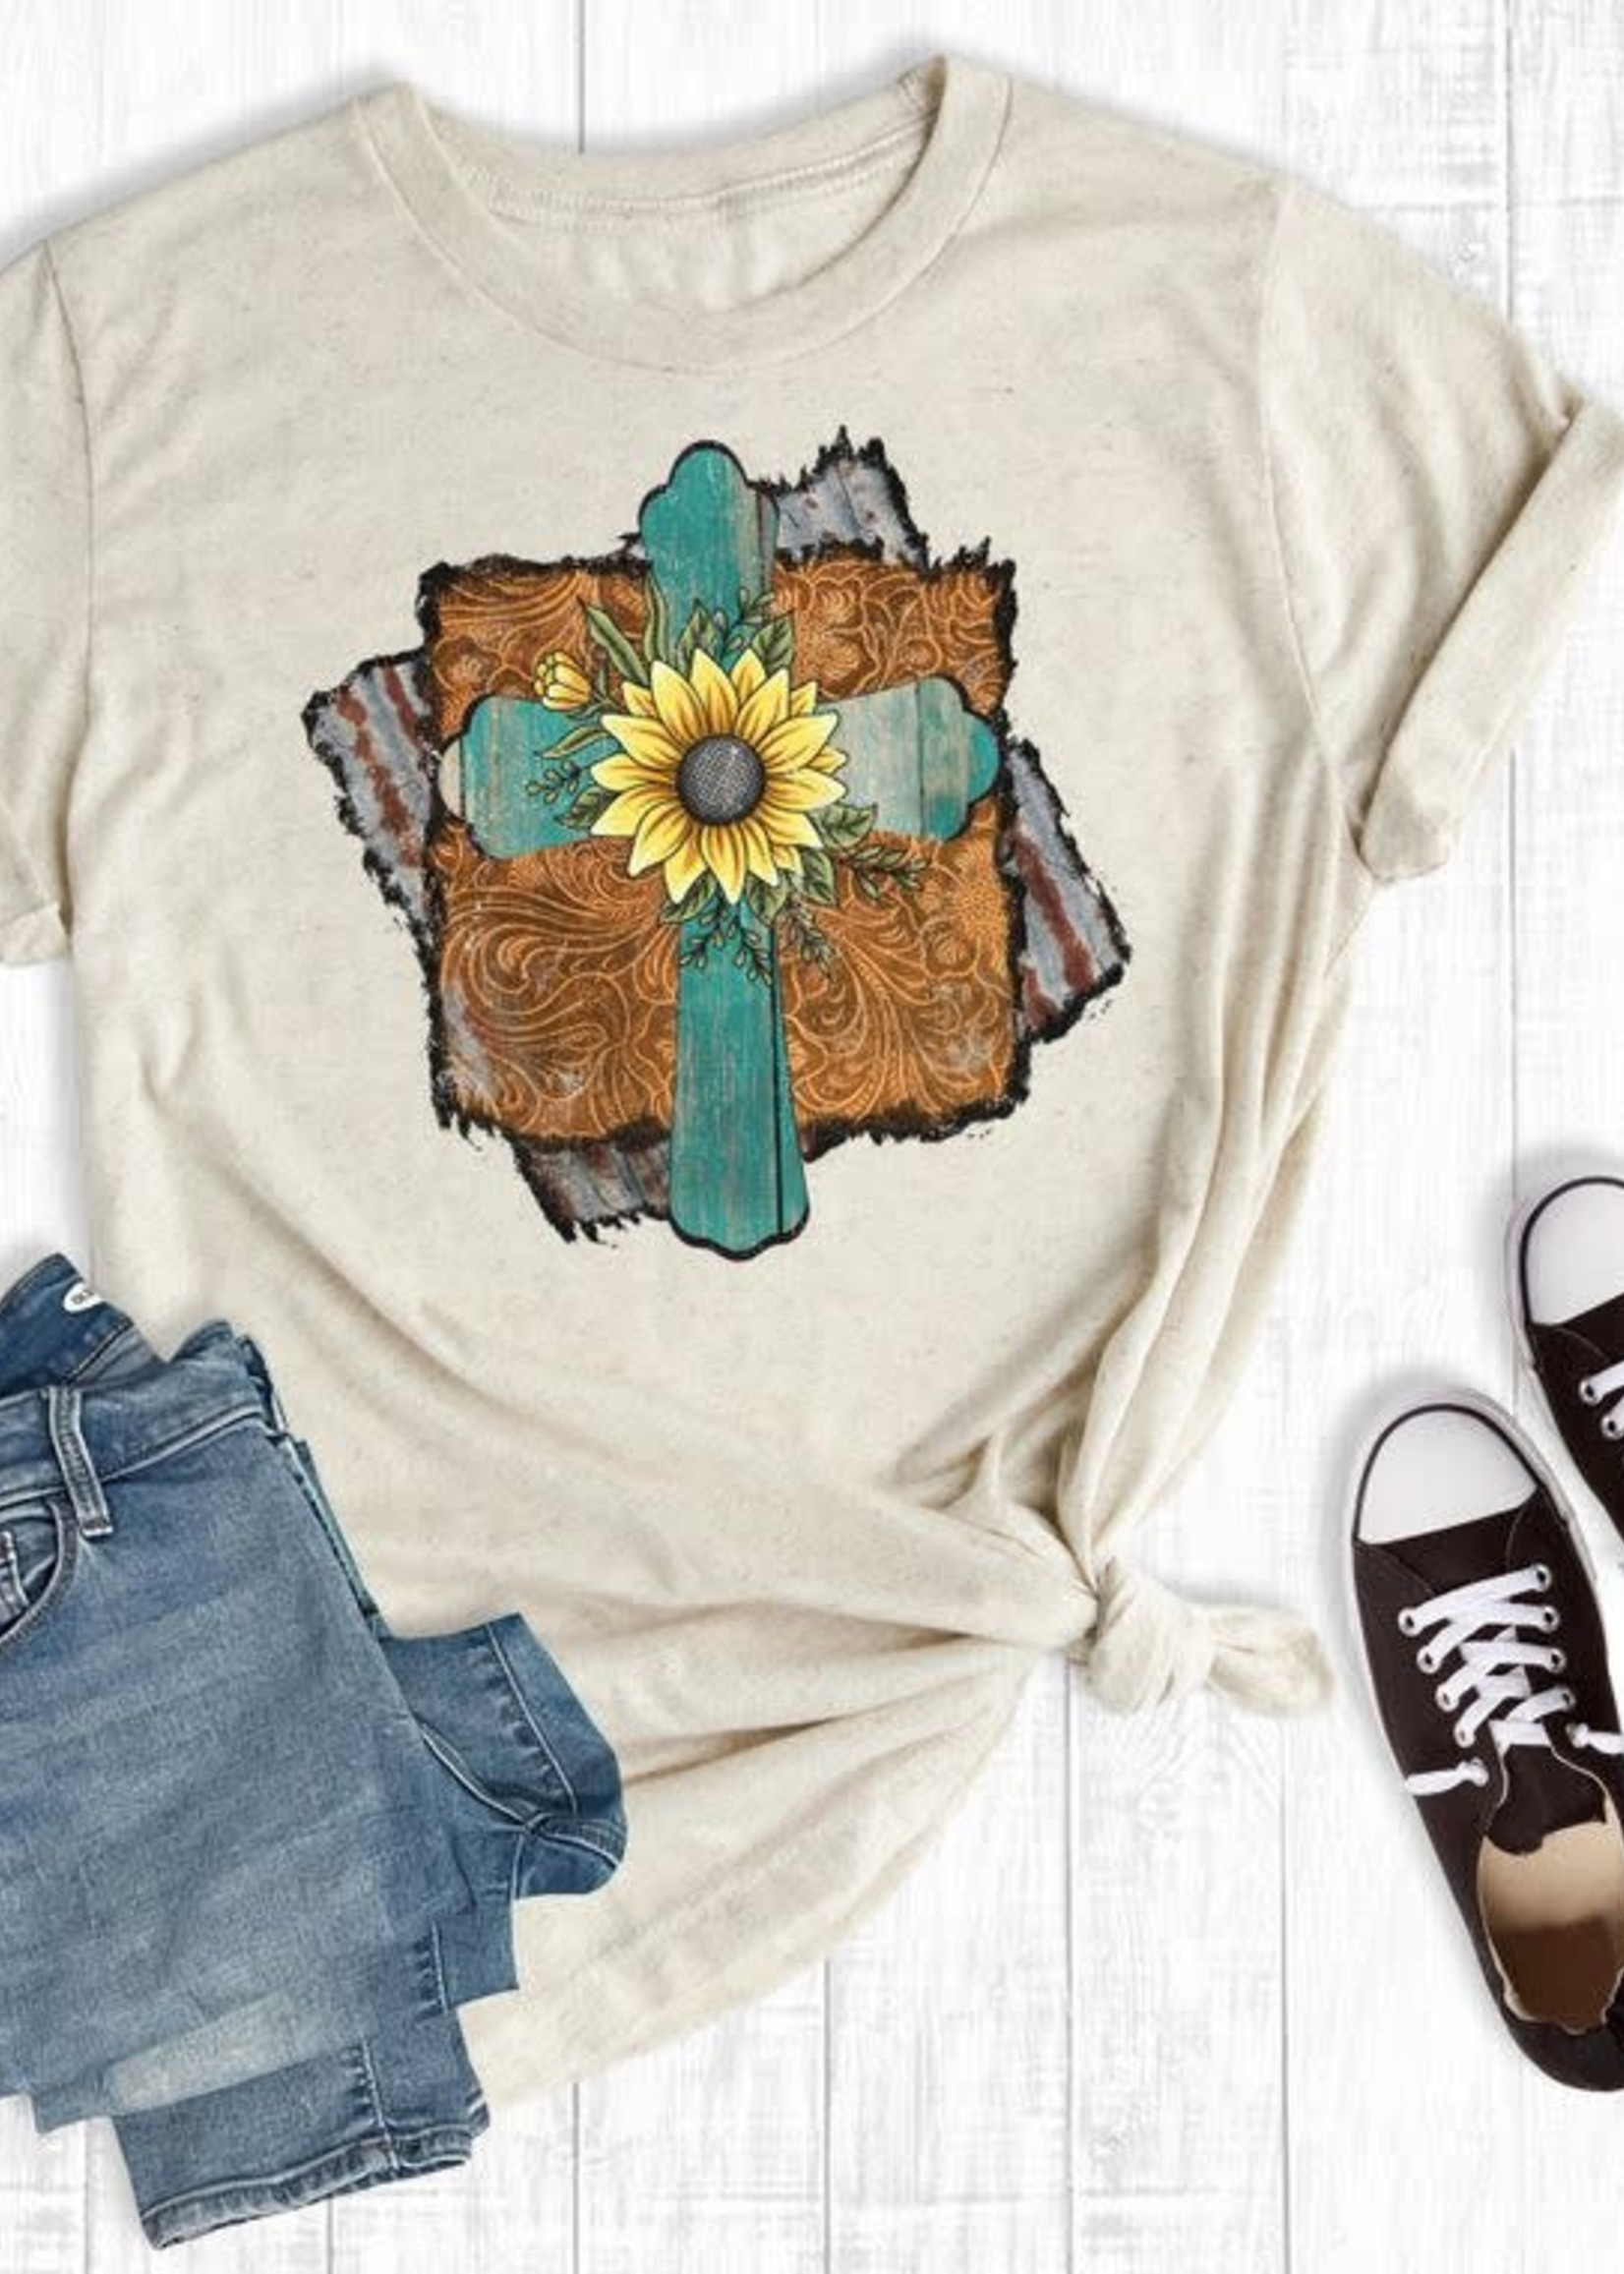 Rebel Rose Rustic Sunflower Cross